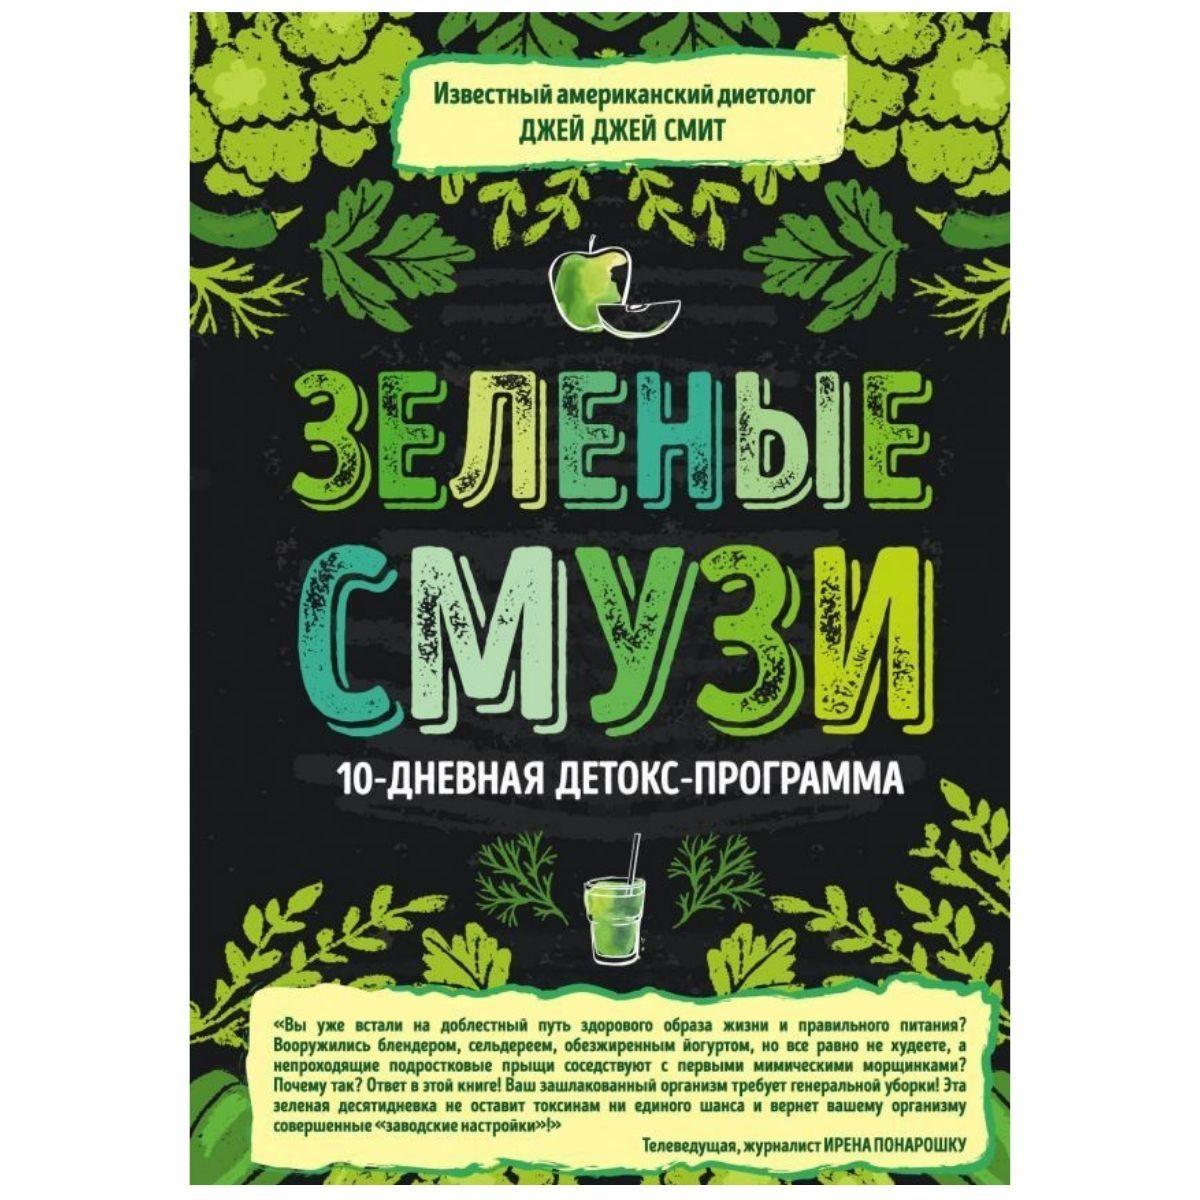 «Зеленые смузи. 10-дневная детокс-программа» Джей Джей Смит